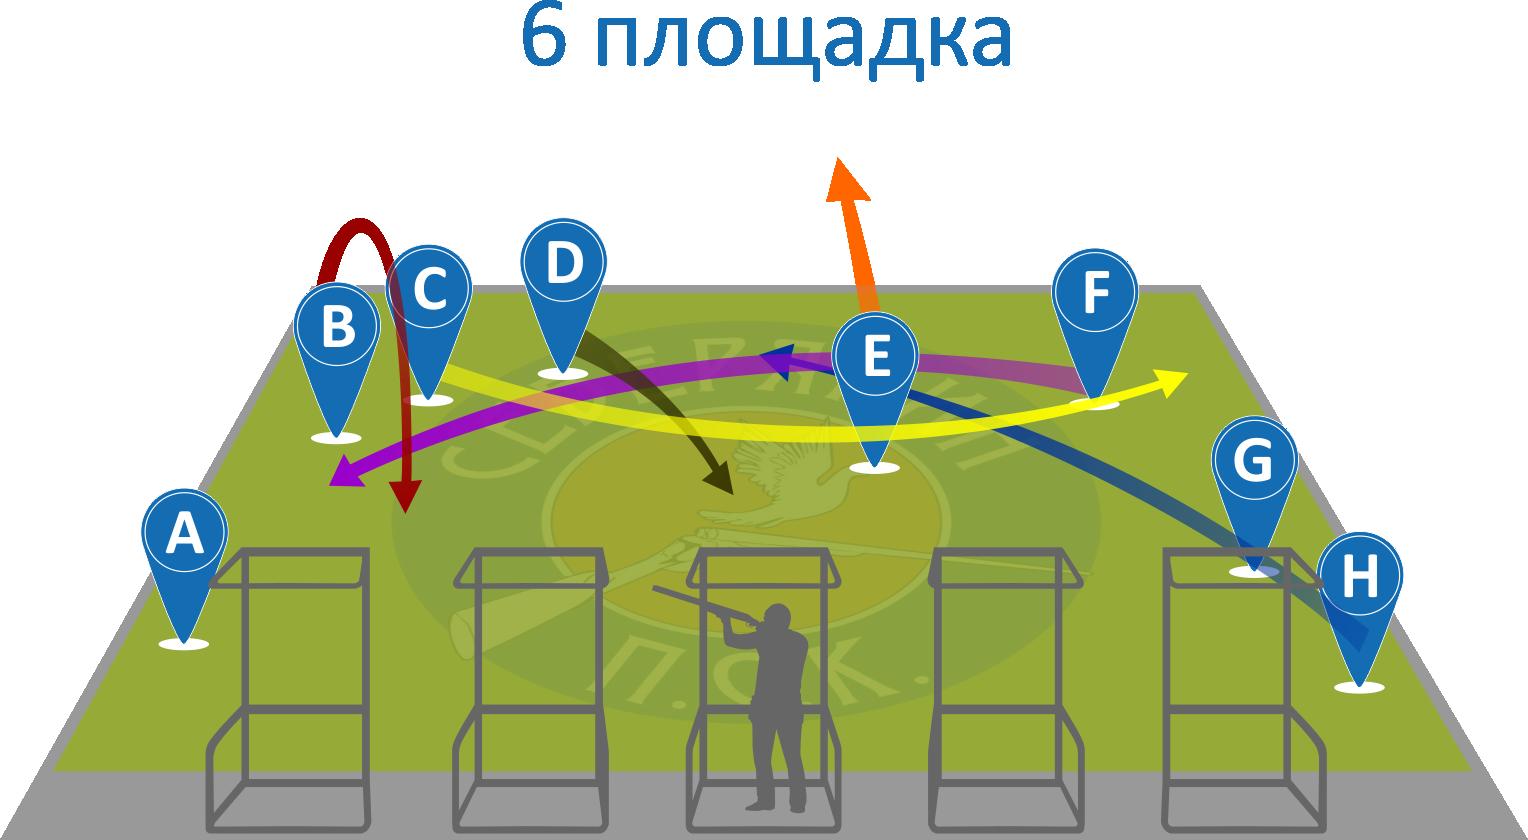 Площадка 6